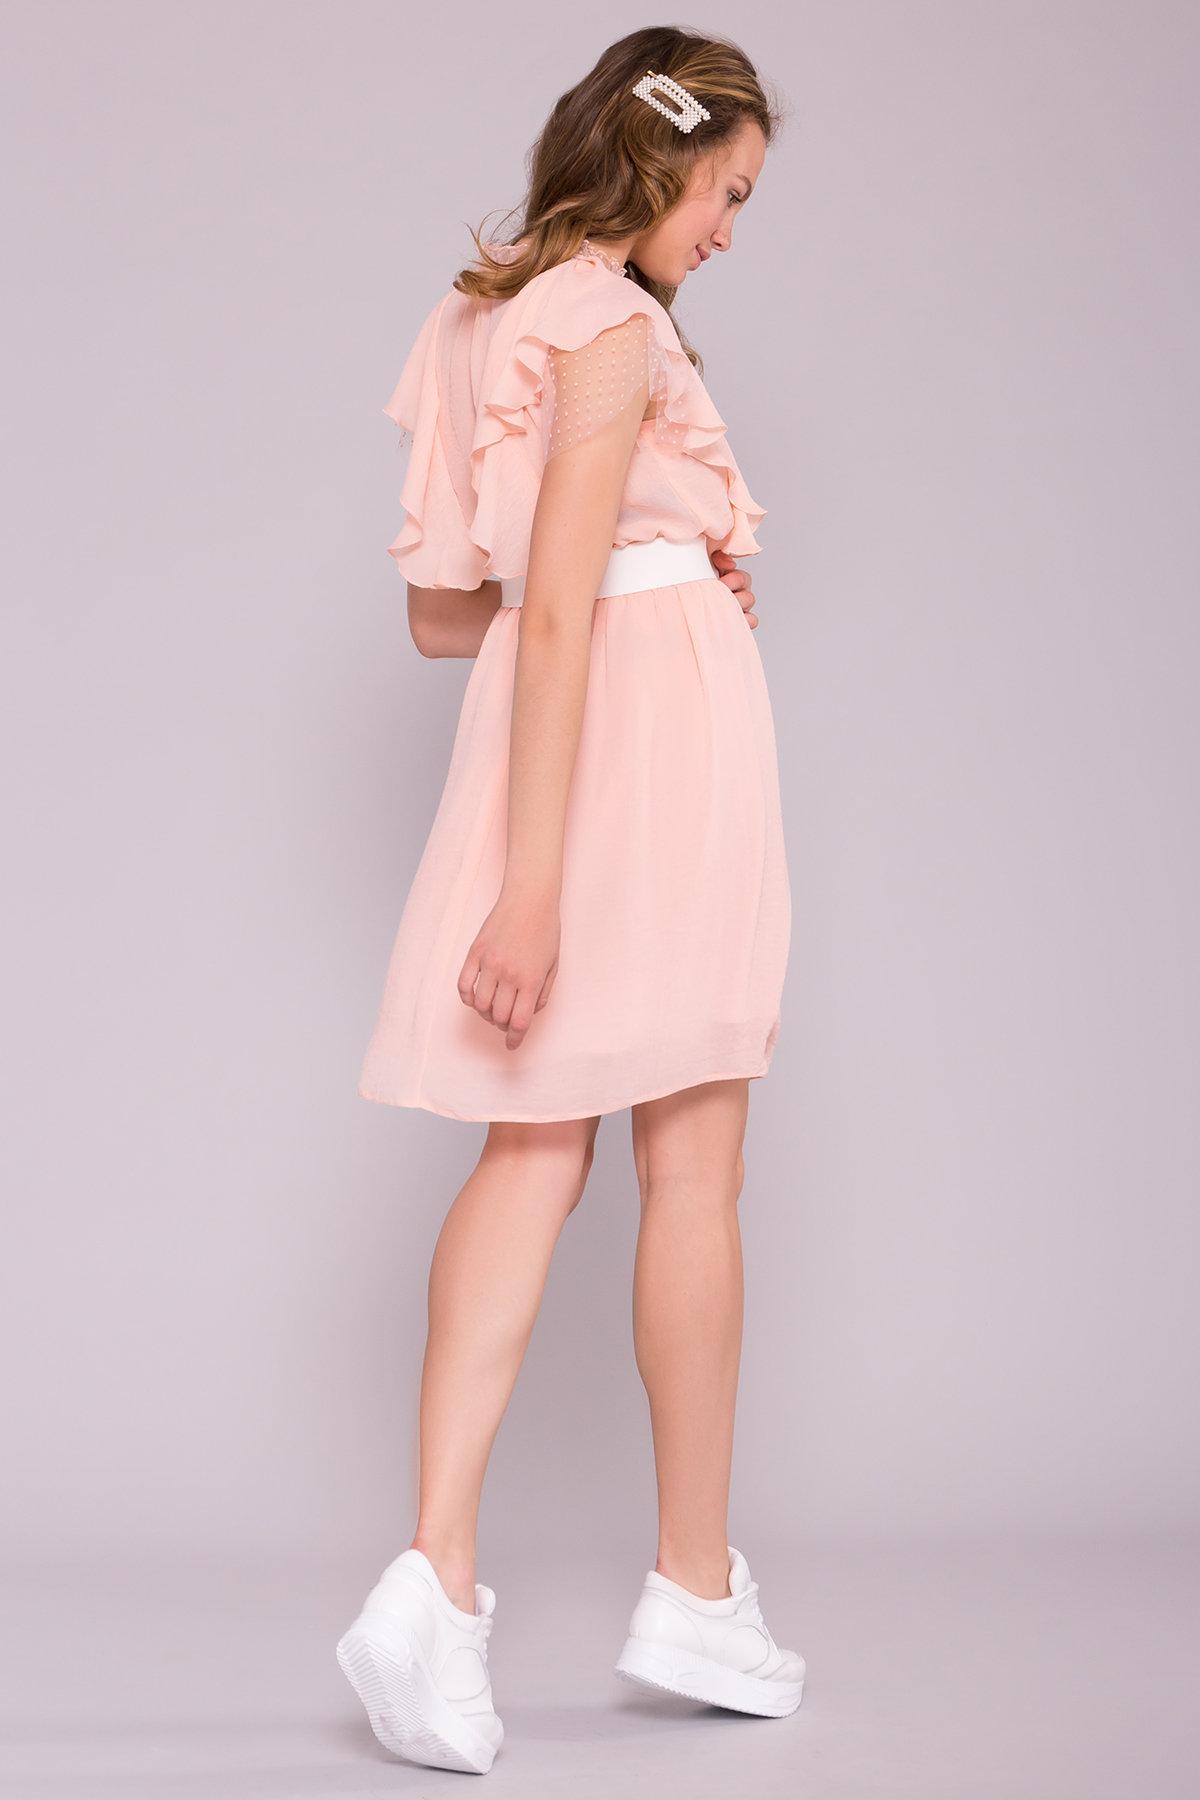 Платье Либре 7256 АРТ. 42819 Цвет: Персик 8 - фото 2, интернет магазин tm-modus.ru